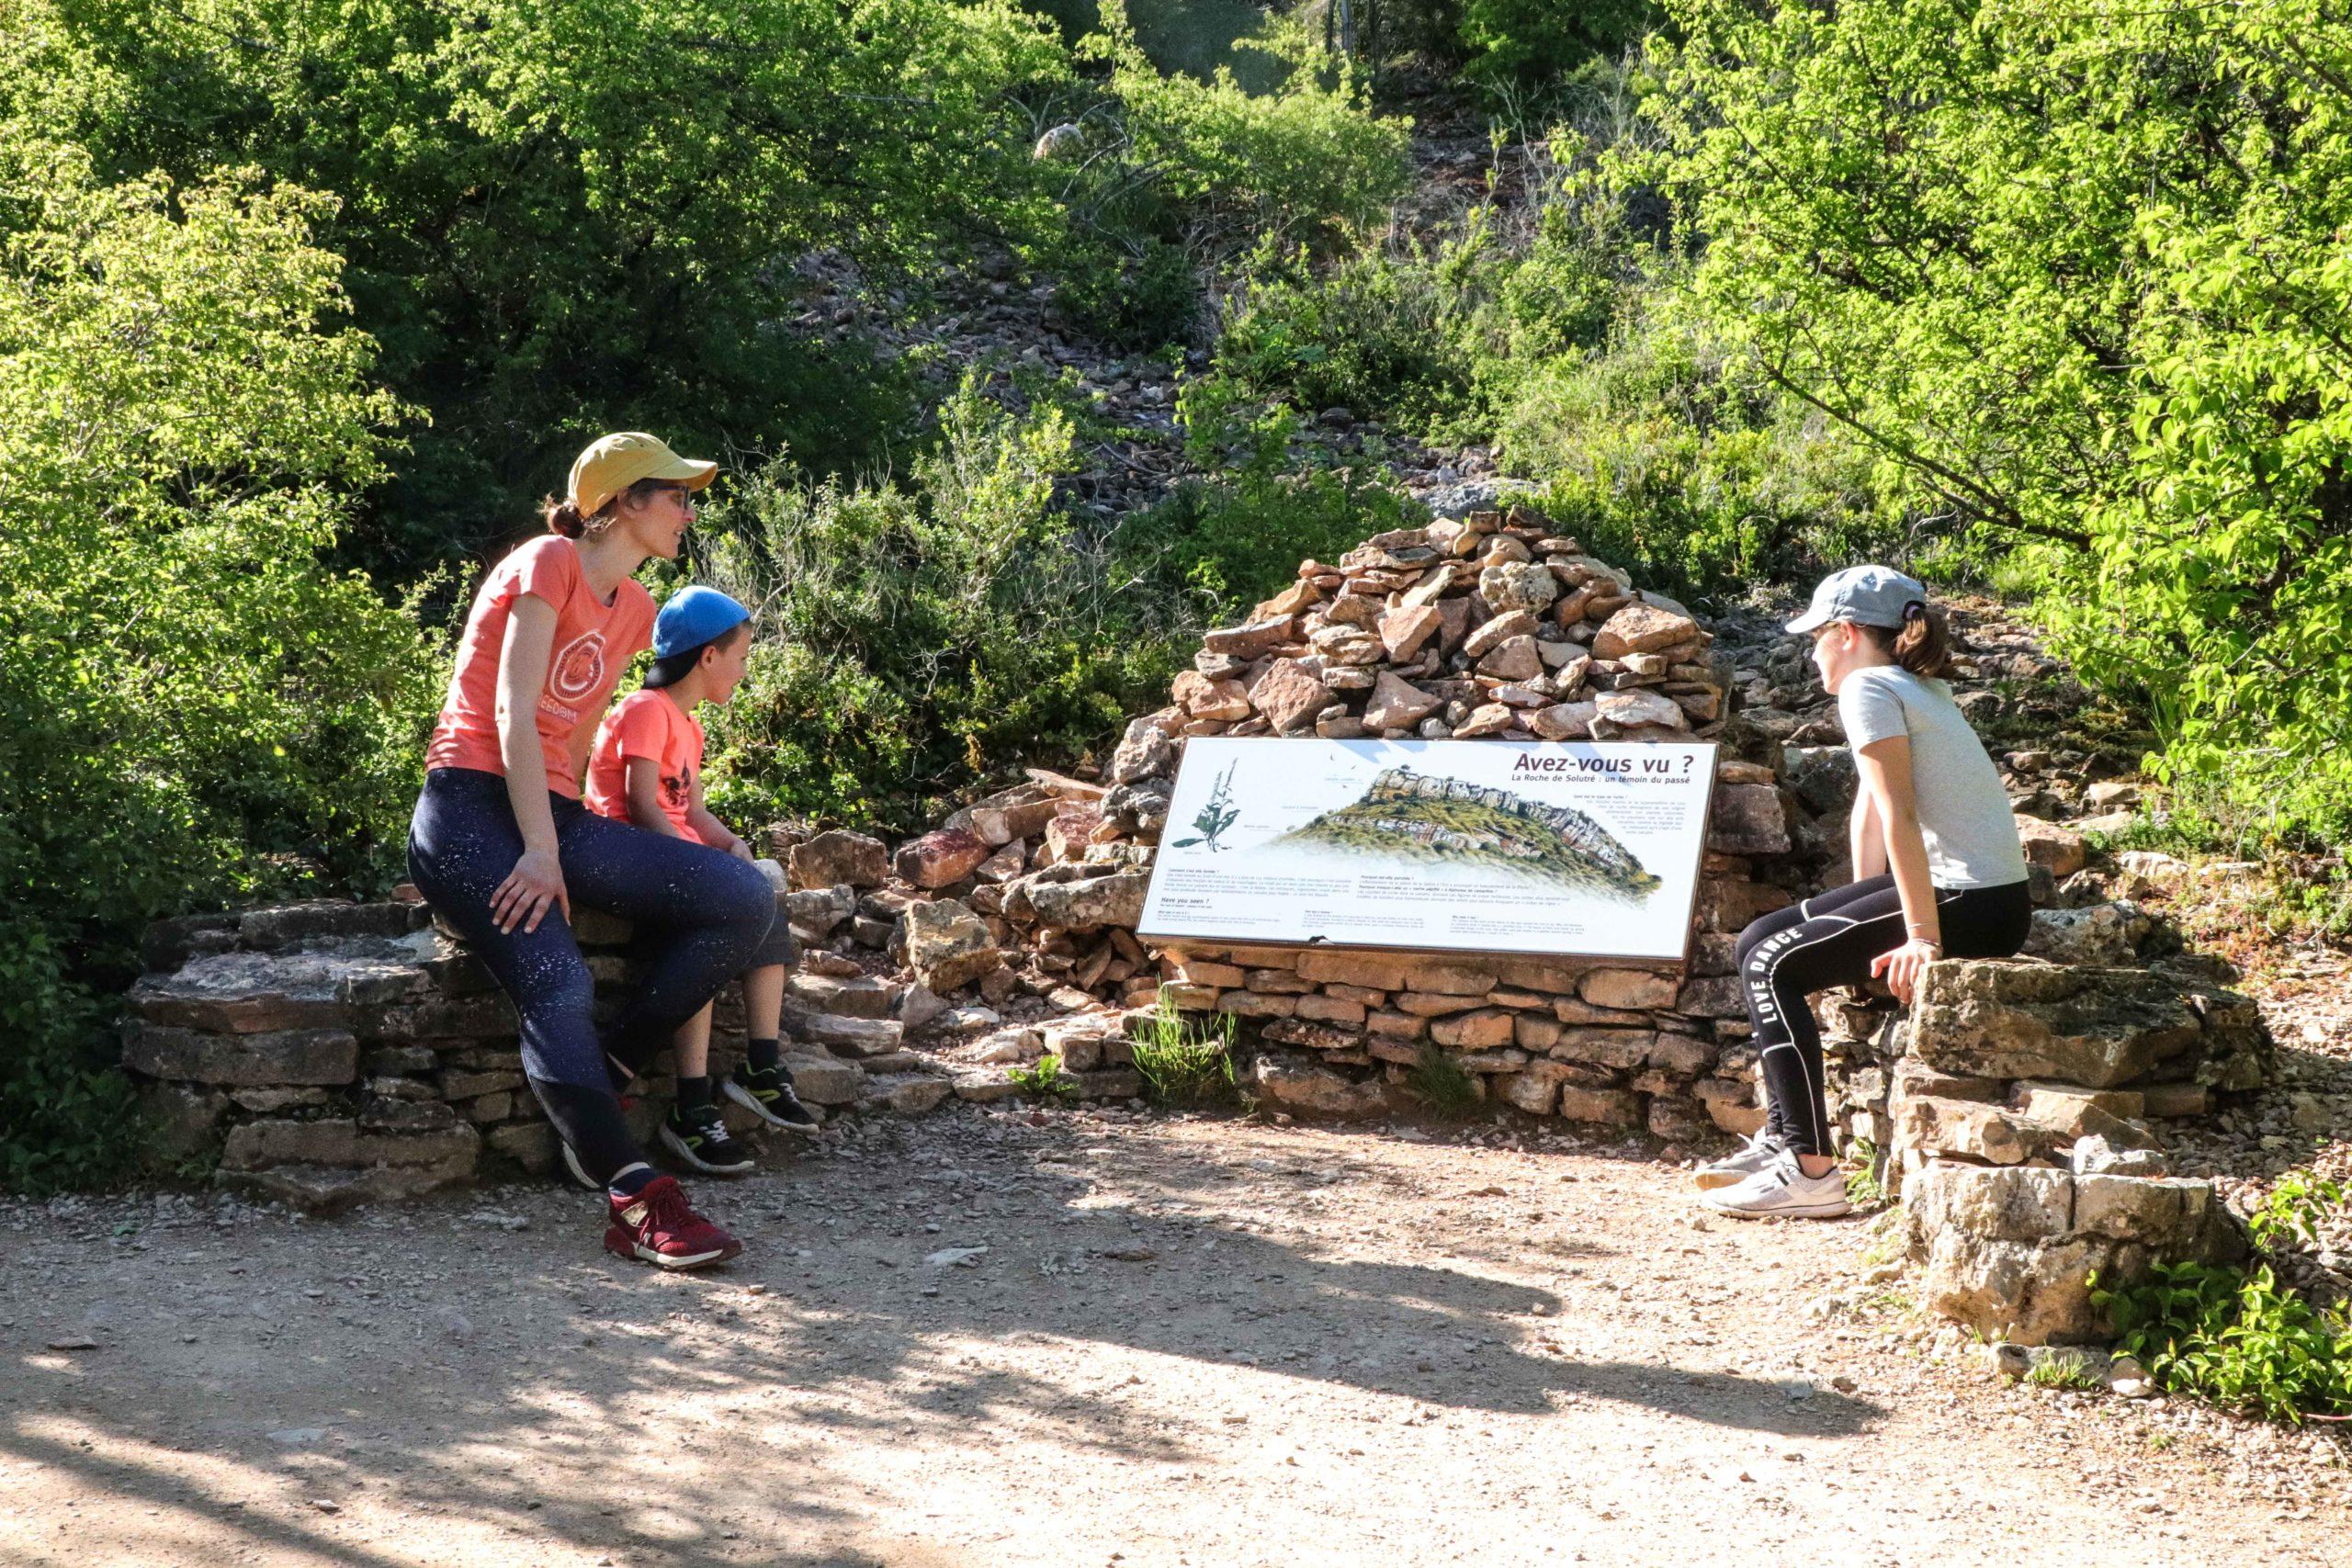 La roche de Solutré - week-end famille - Saône-et-Loire en famille - Blog